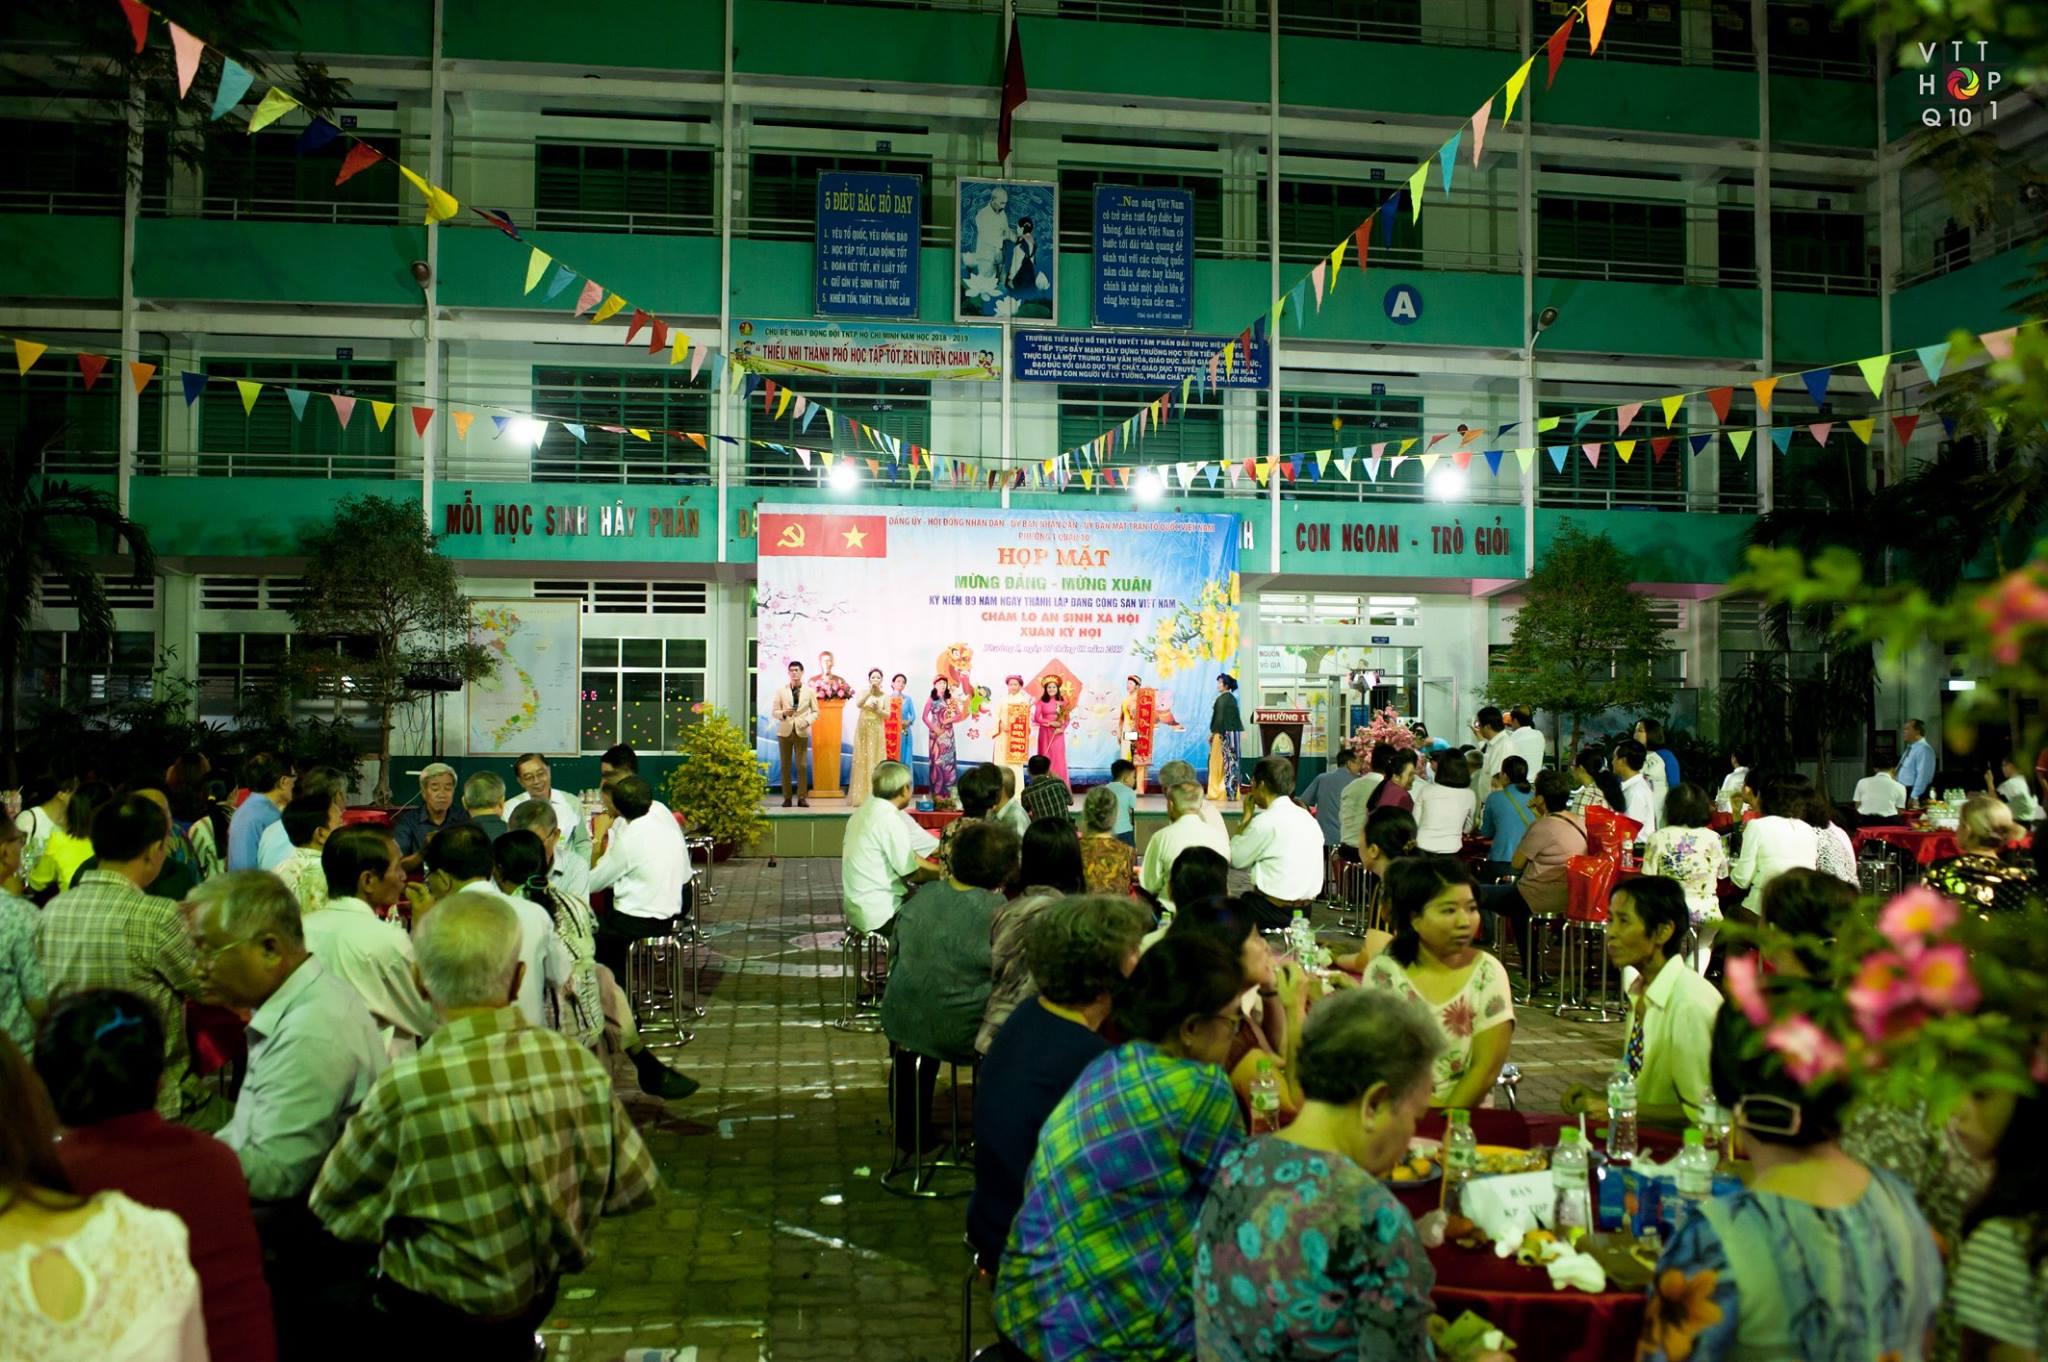 Phường 1 - Họp mặt Mừng Đảng - Mừng Xuân; kỷ niệm 89 năm Ngày thành lập Đảng Cộng sản Việt Nam; Chăm lo An sinh xã hội Kỷ Hợi